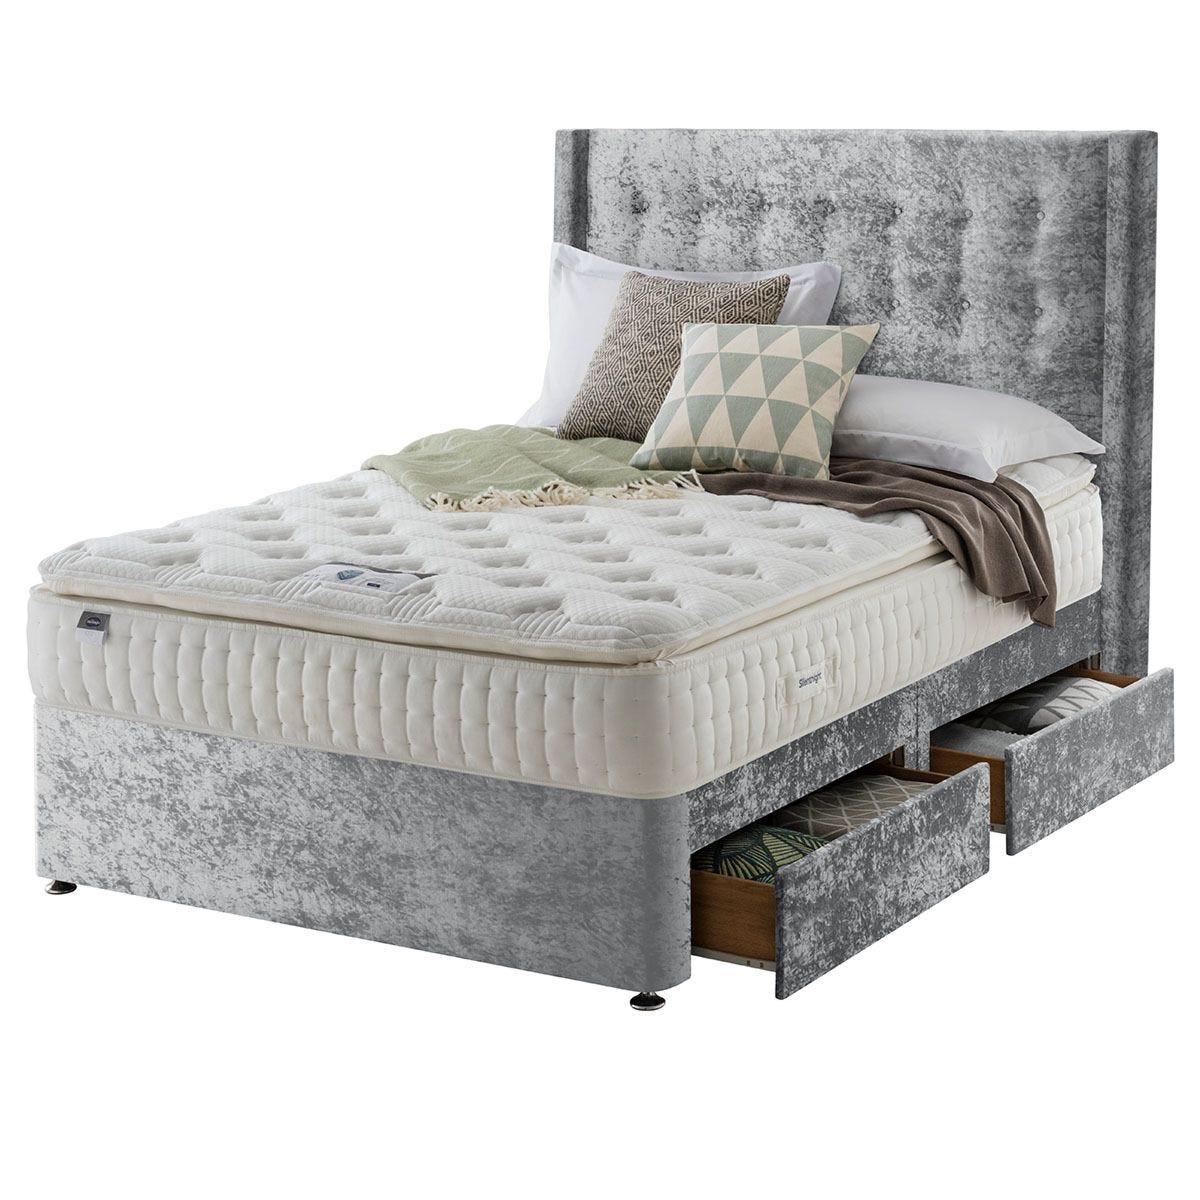 Silentnight Mirapocket Latex 1000 4-Drawer Divan Bed - Crushed Velvet Light Grey King